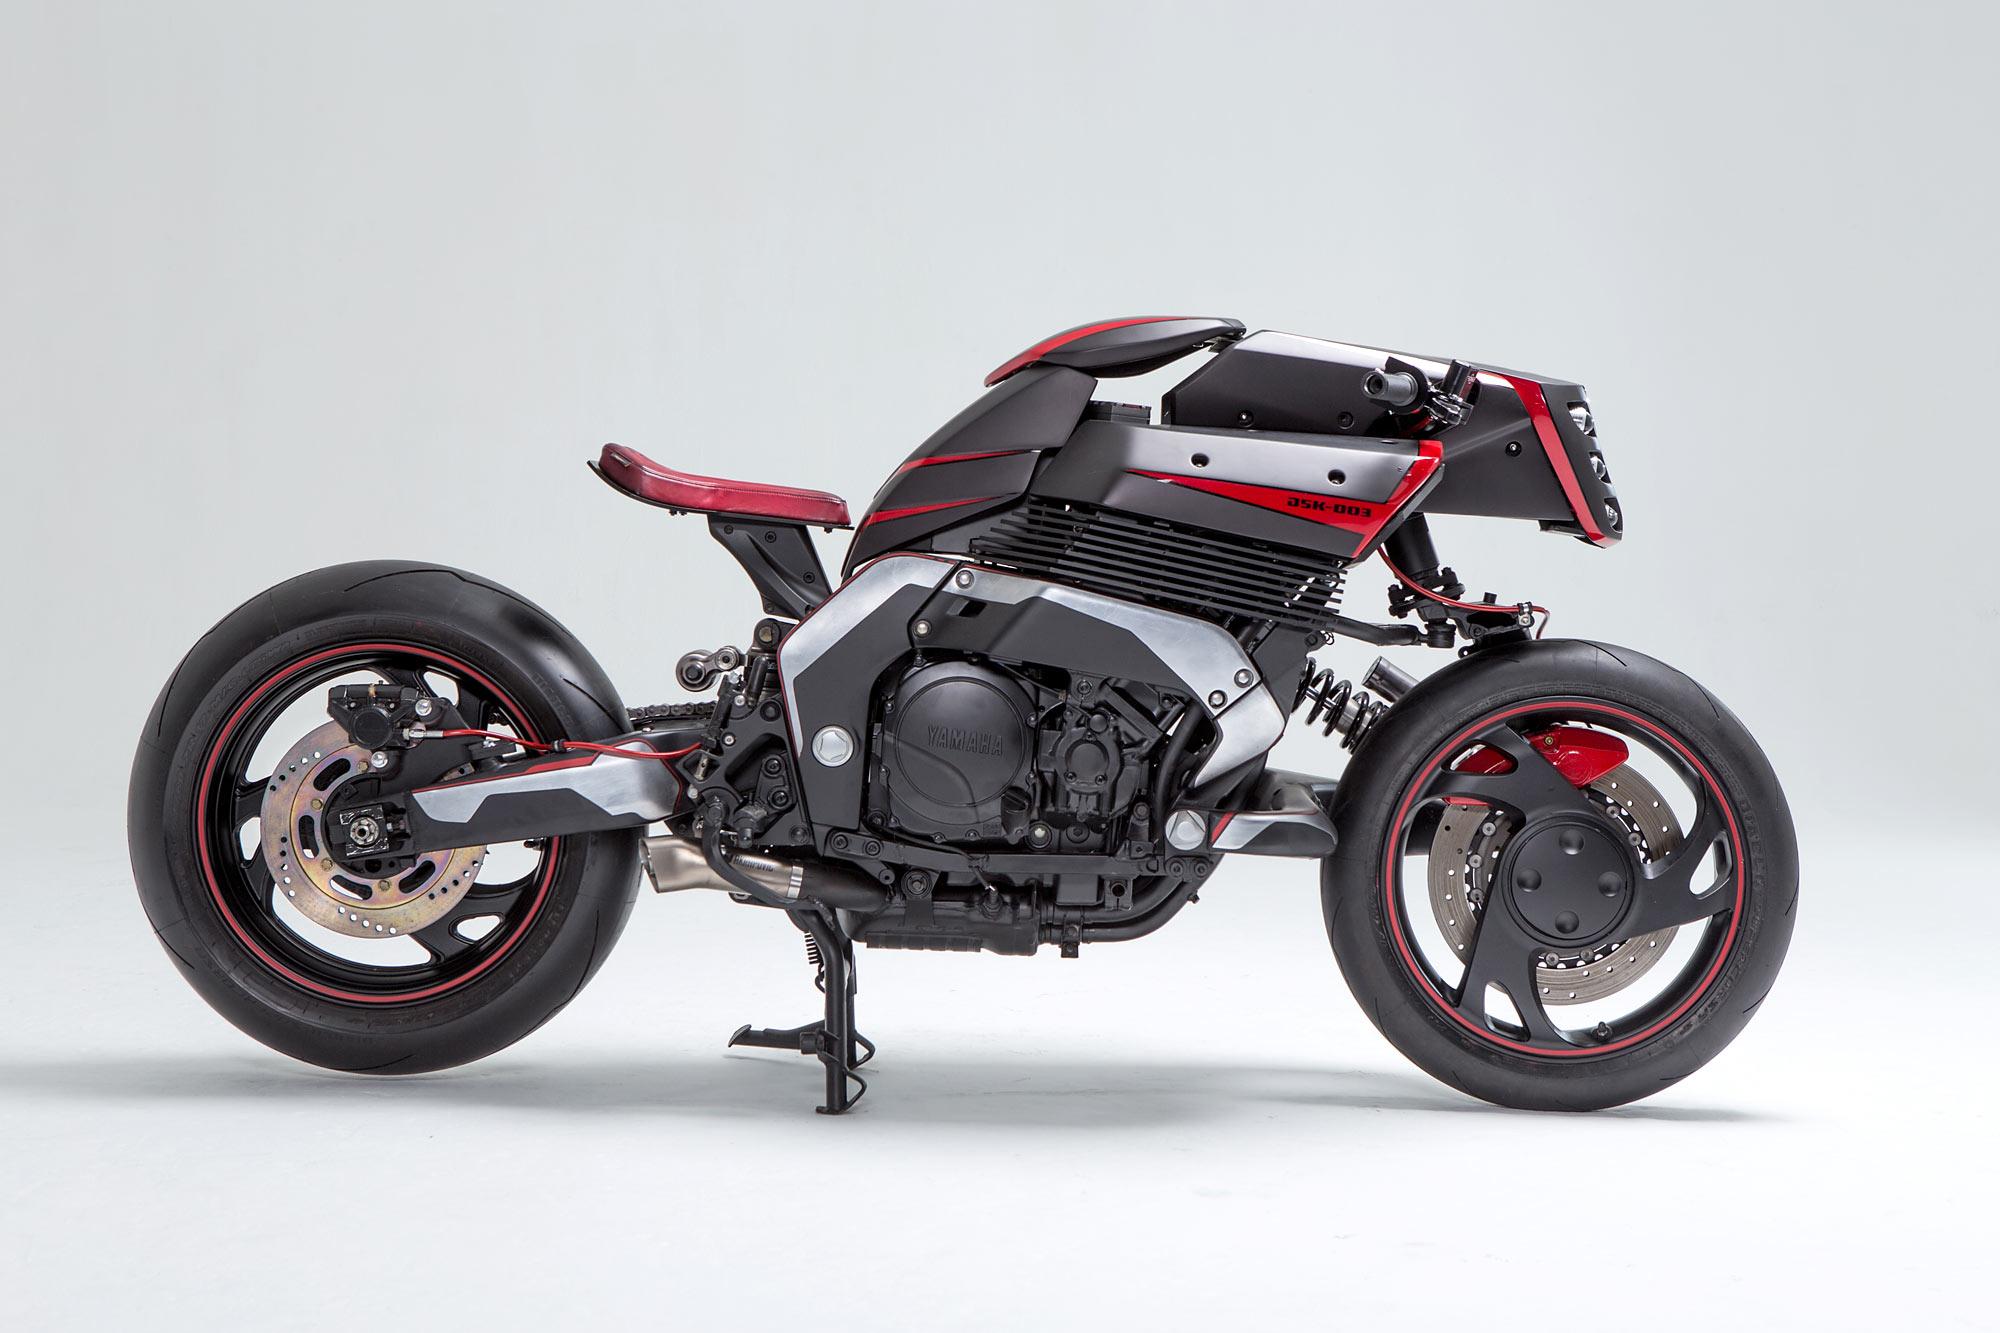 no forks given jsk moto co s rhodium omega yamaha gts 1000 neo racer. Black Bedroom Furniture Sets. Home Design Ideas